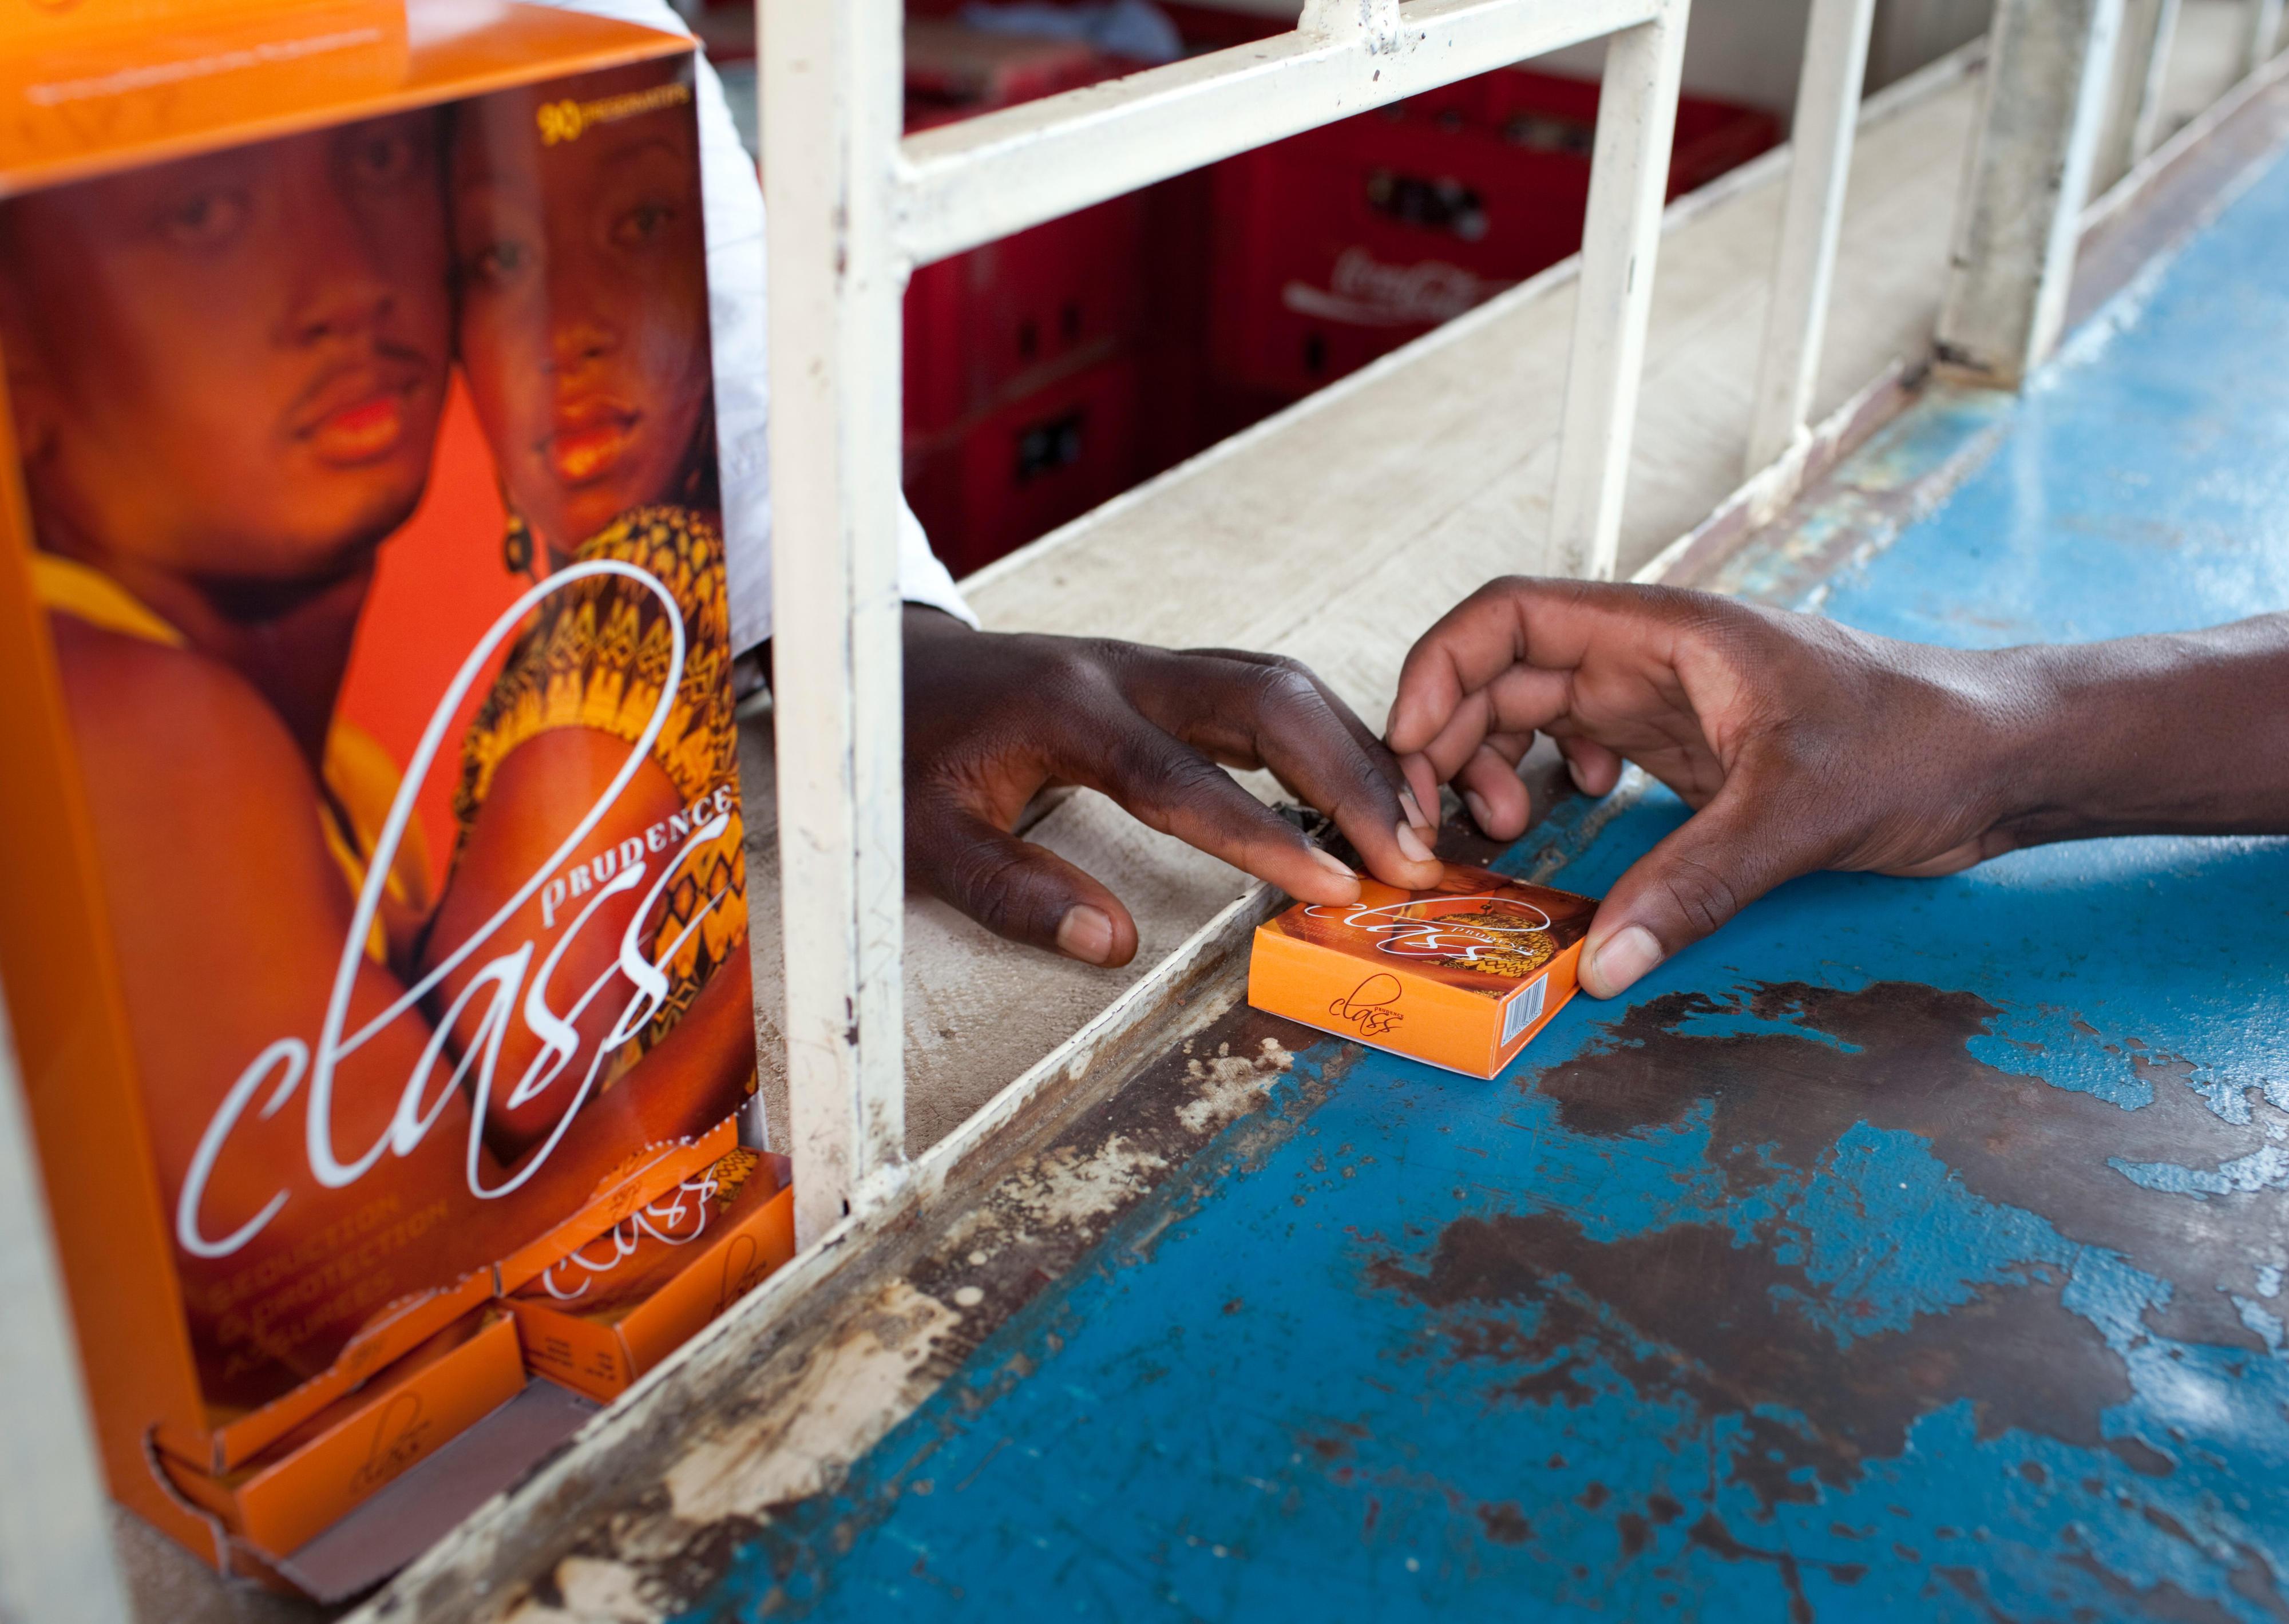 Verkauf von Kondomen an einem Kiosk in Burundi